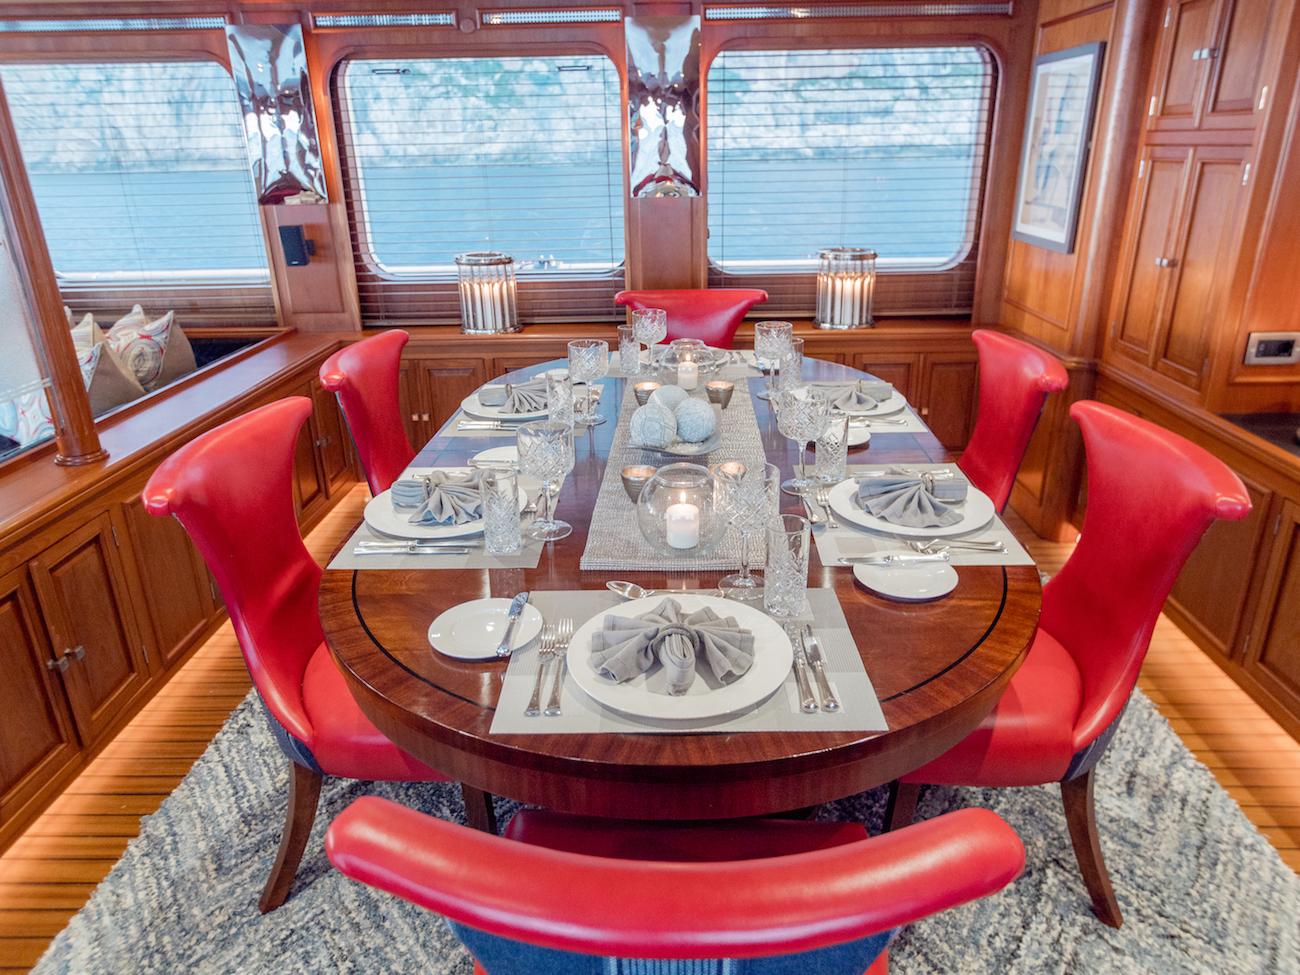 Formal Dining Set Up